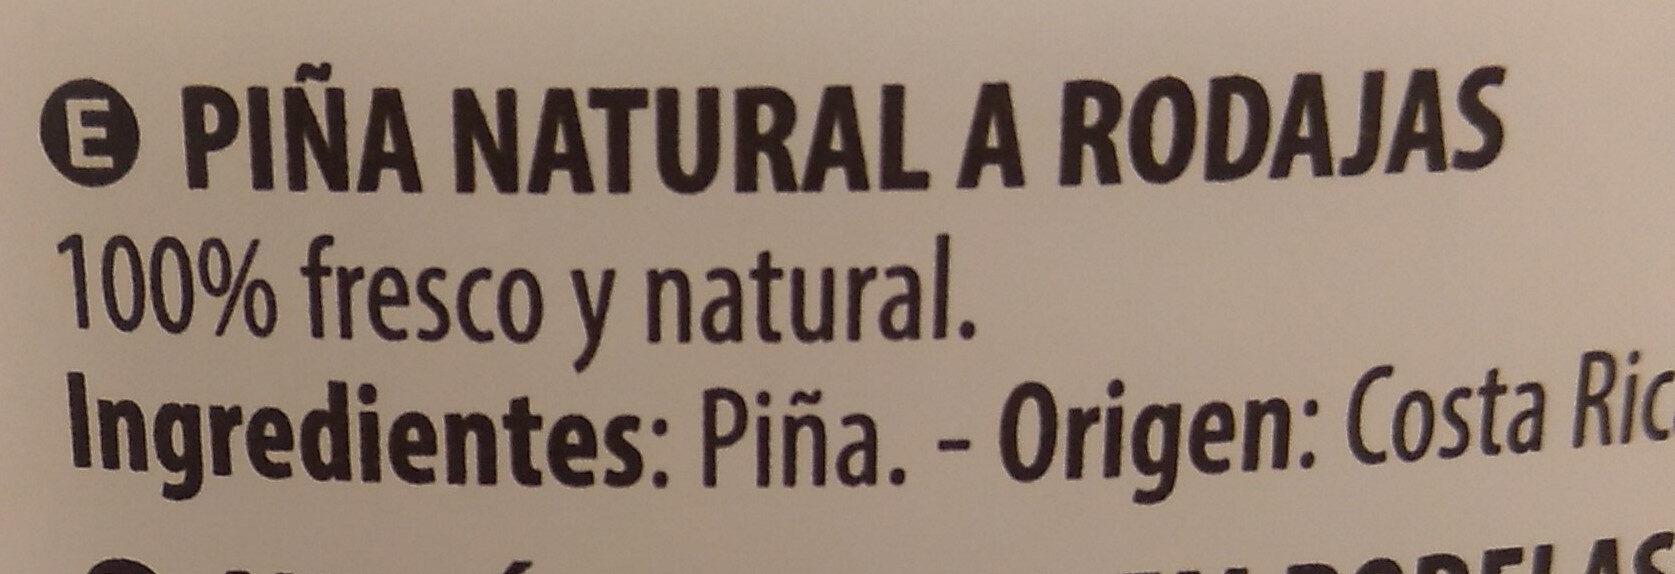 Piña en rodajas - Ingredientes - es